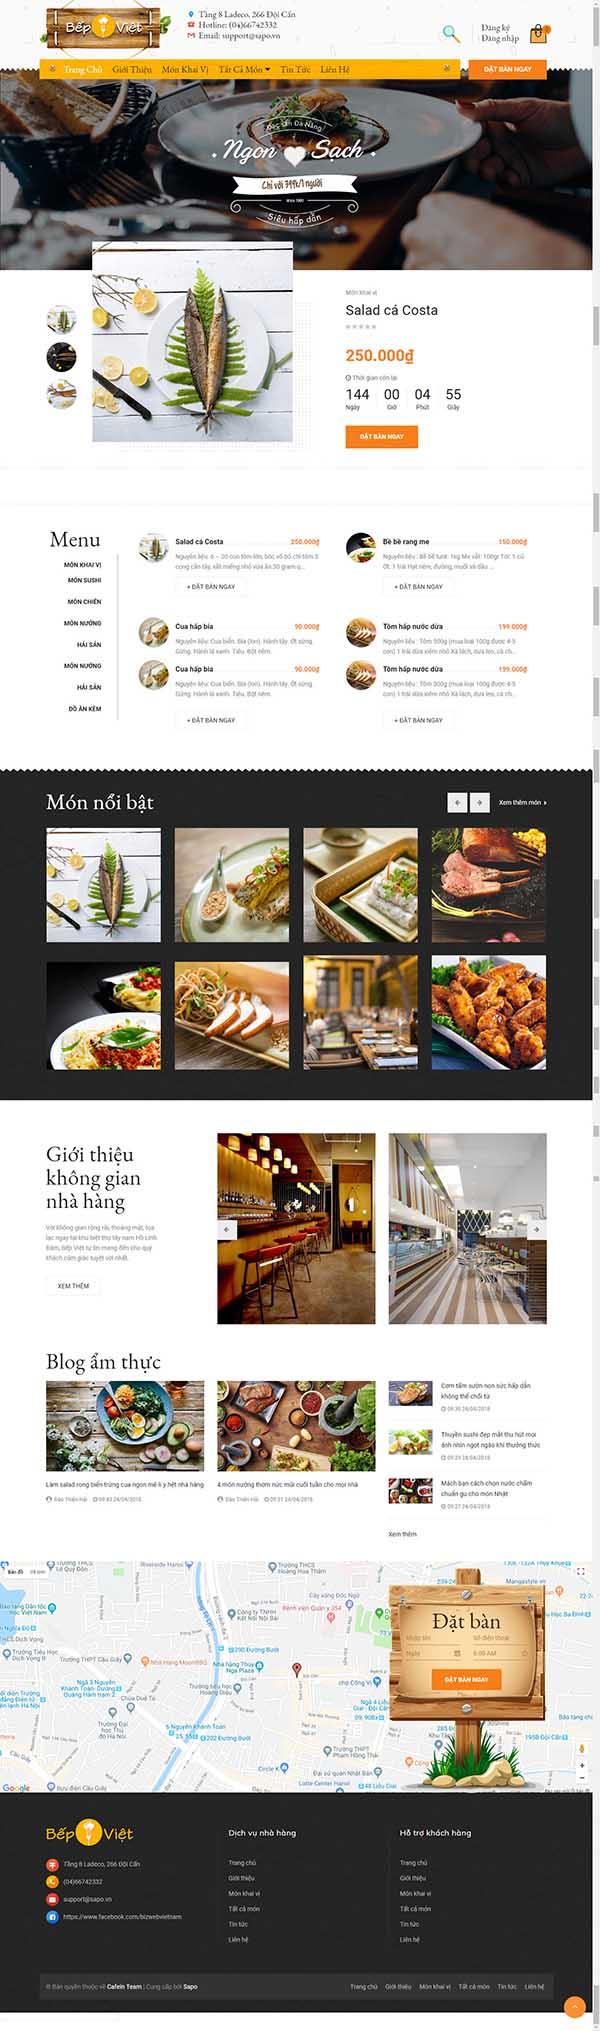 Thiết kế Mẫu website nhà hàng  khách sạn 11